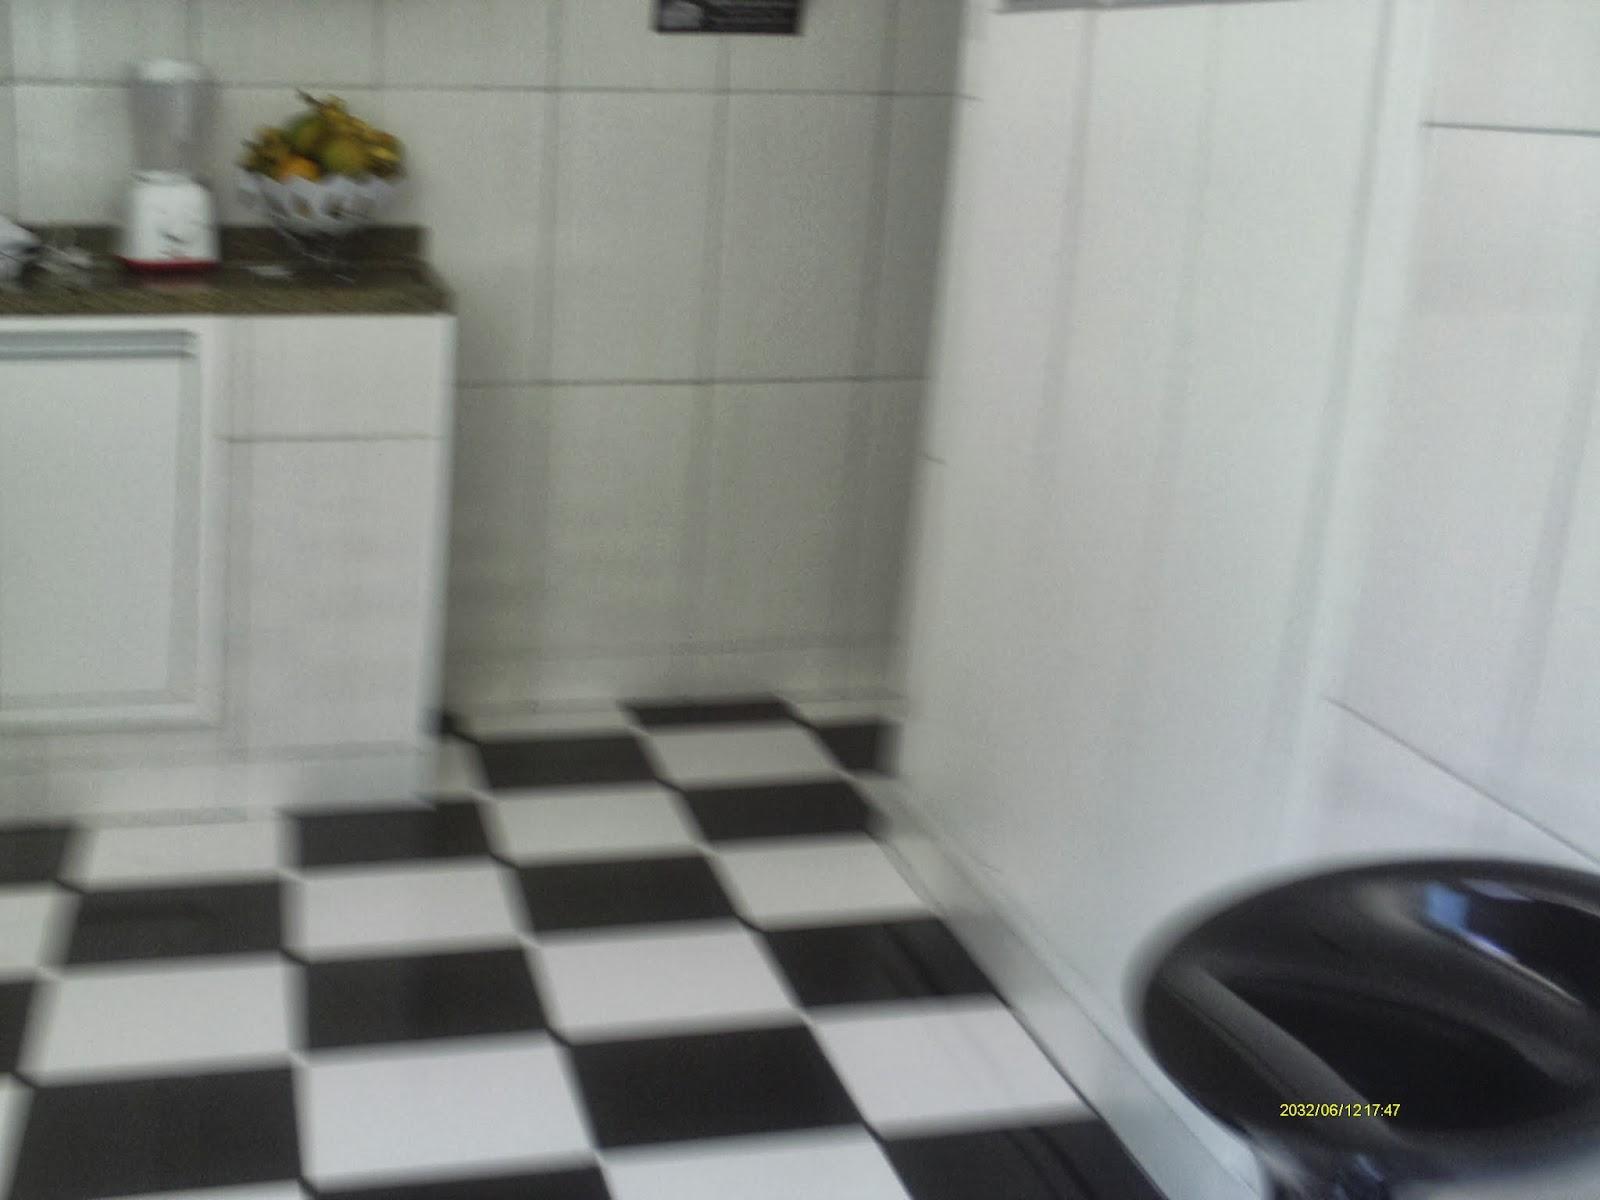 Imagens de #5B4D2F Casa Cocotá Ilha do Governador Avelino Freire Imóveis 1600x1200 px 2886 Box Banheiro Ilha Do Governador